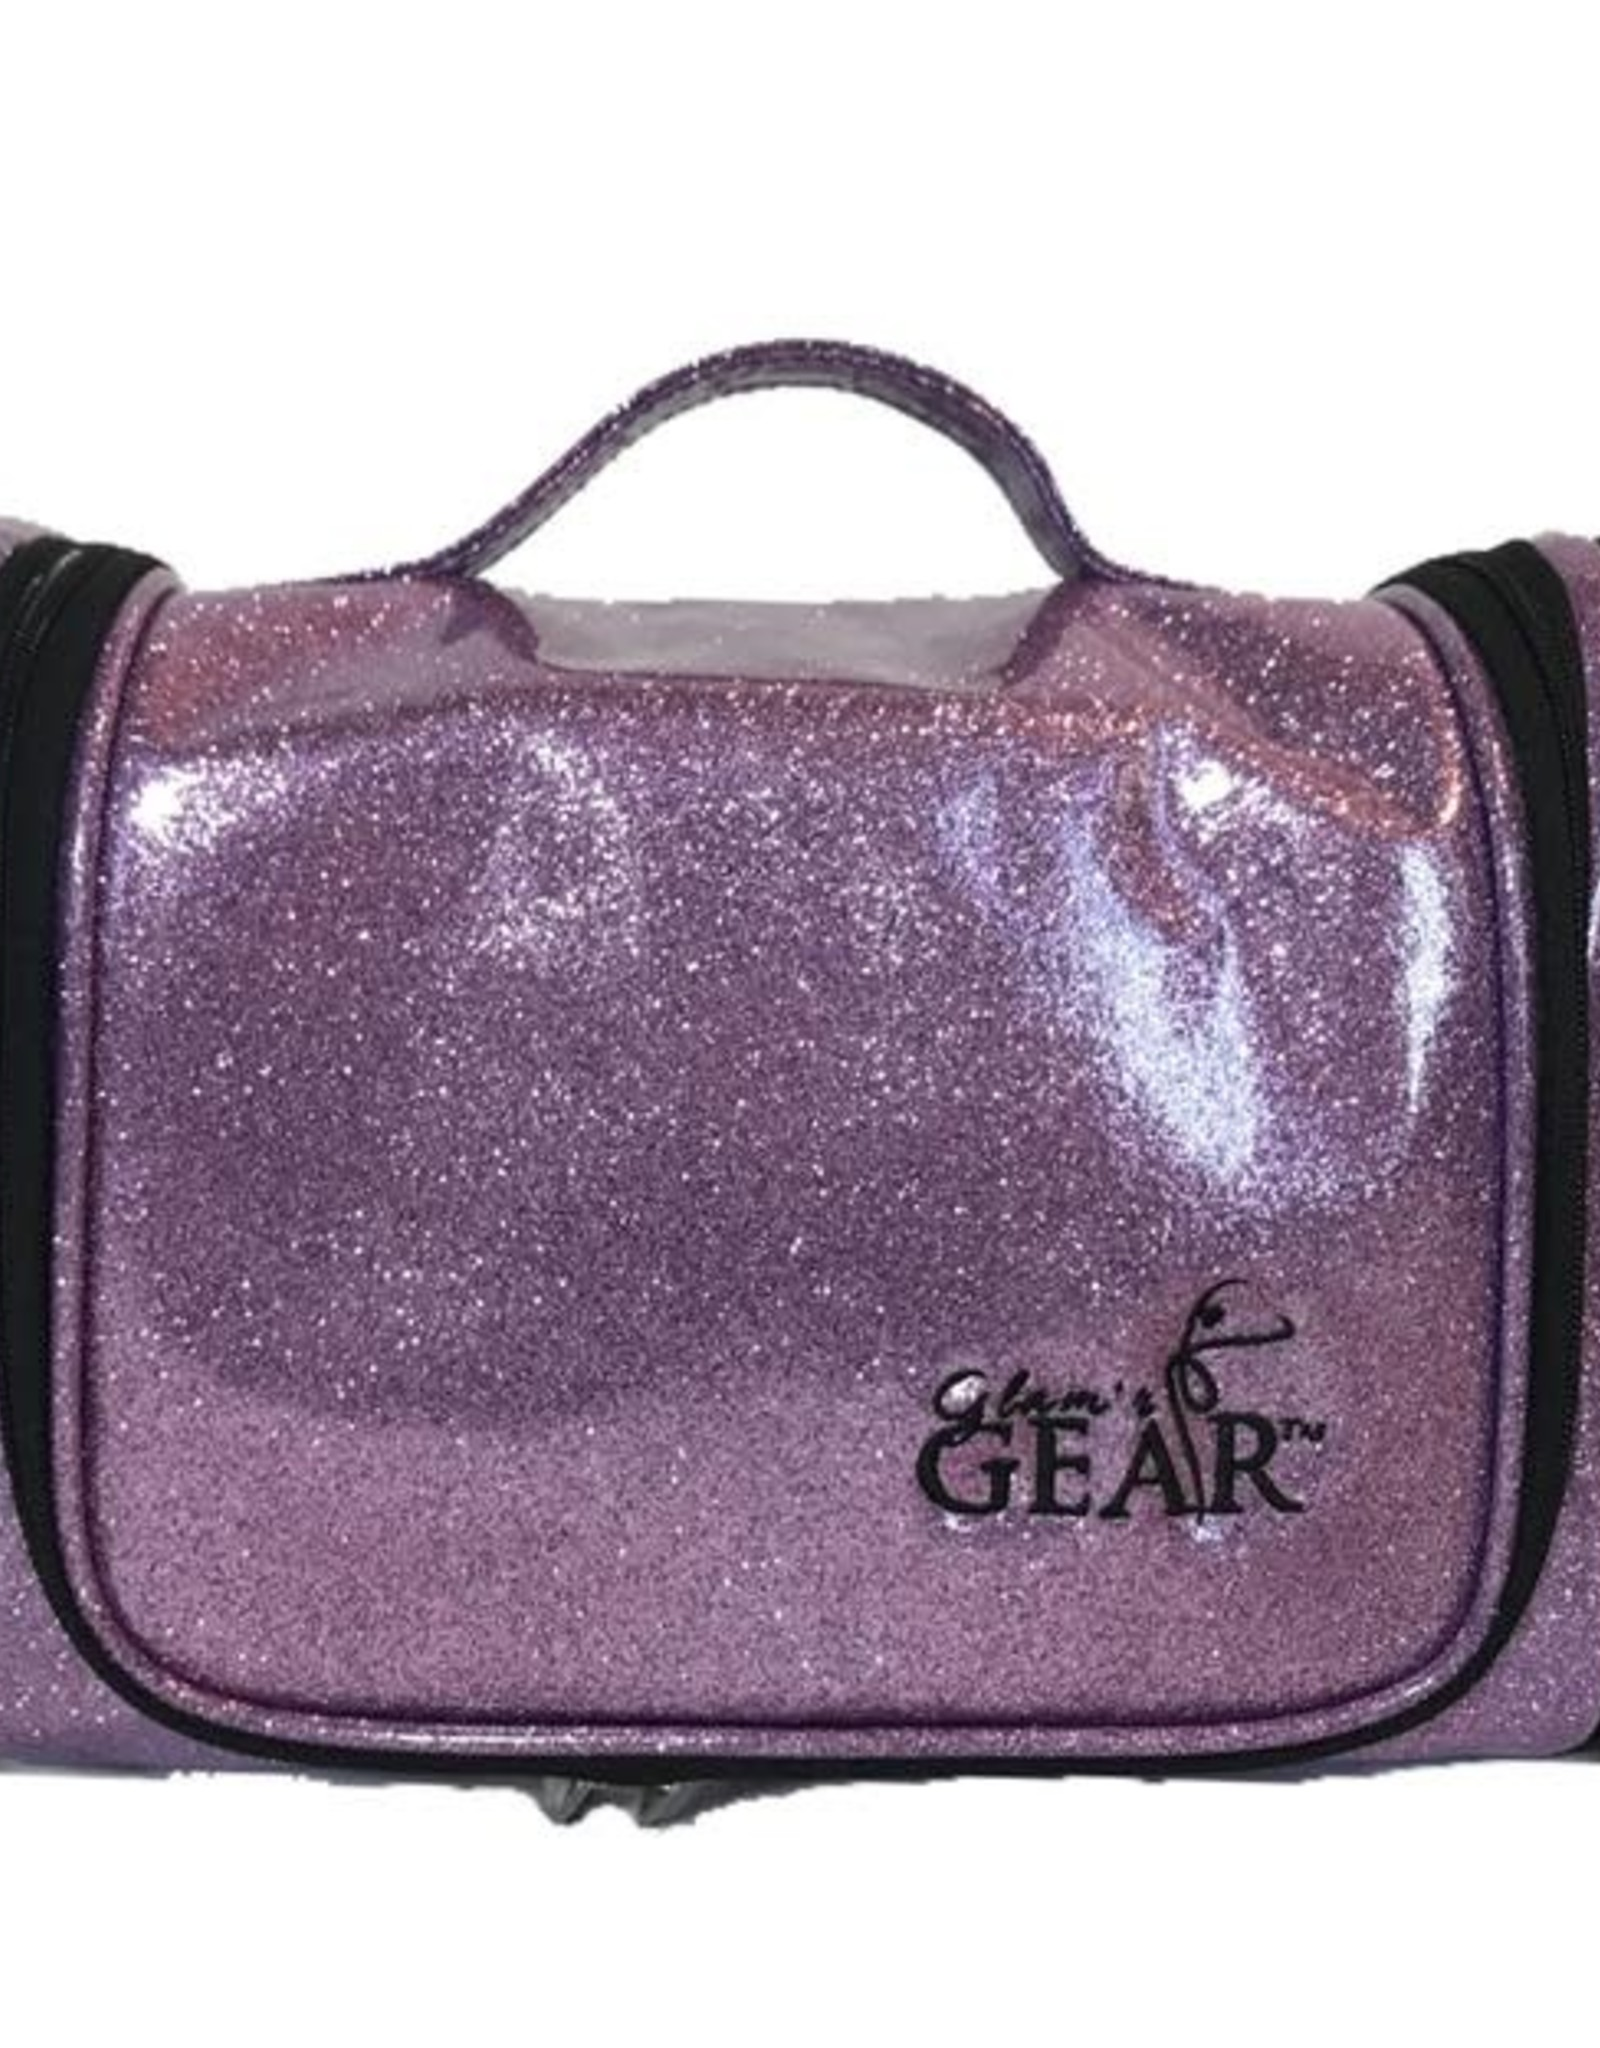 Glam'r Gear Glam'r Gear Hanging Travel Cosmetics Bag